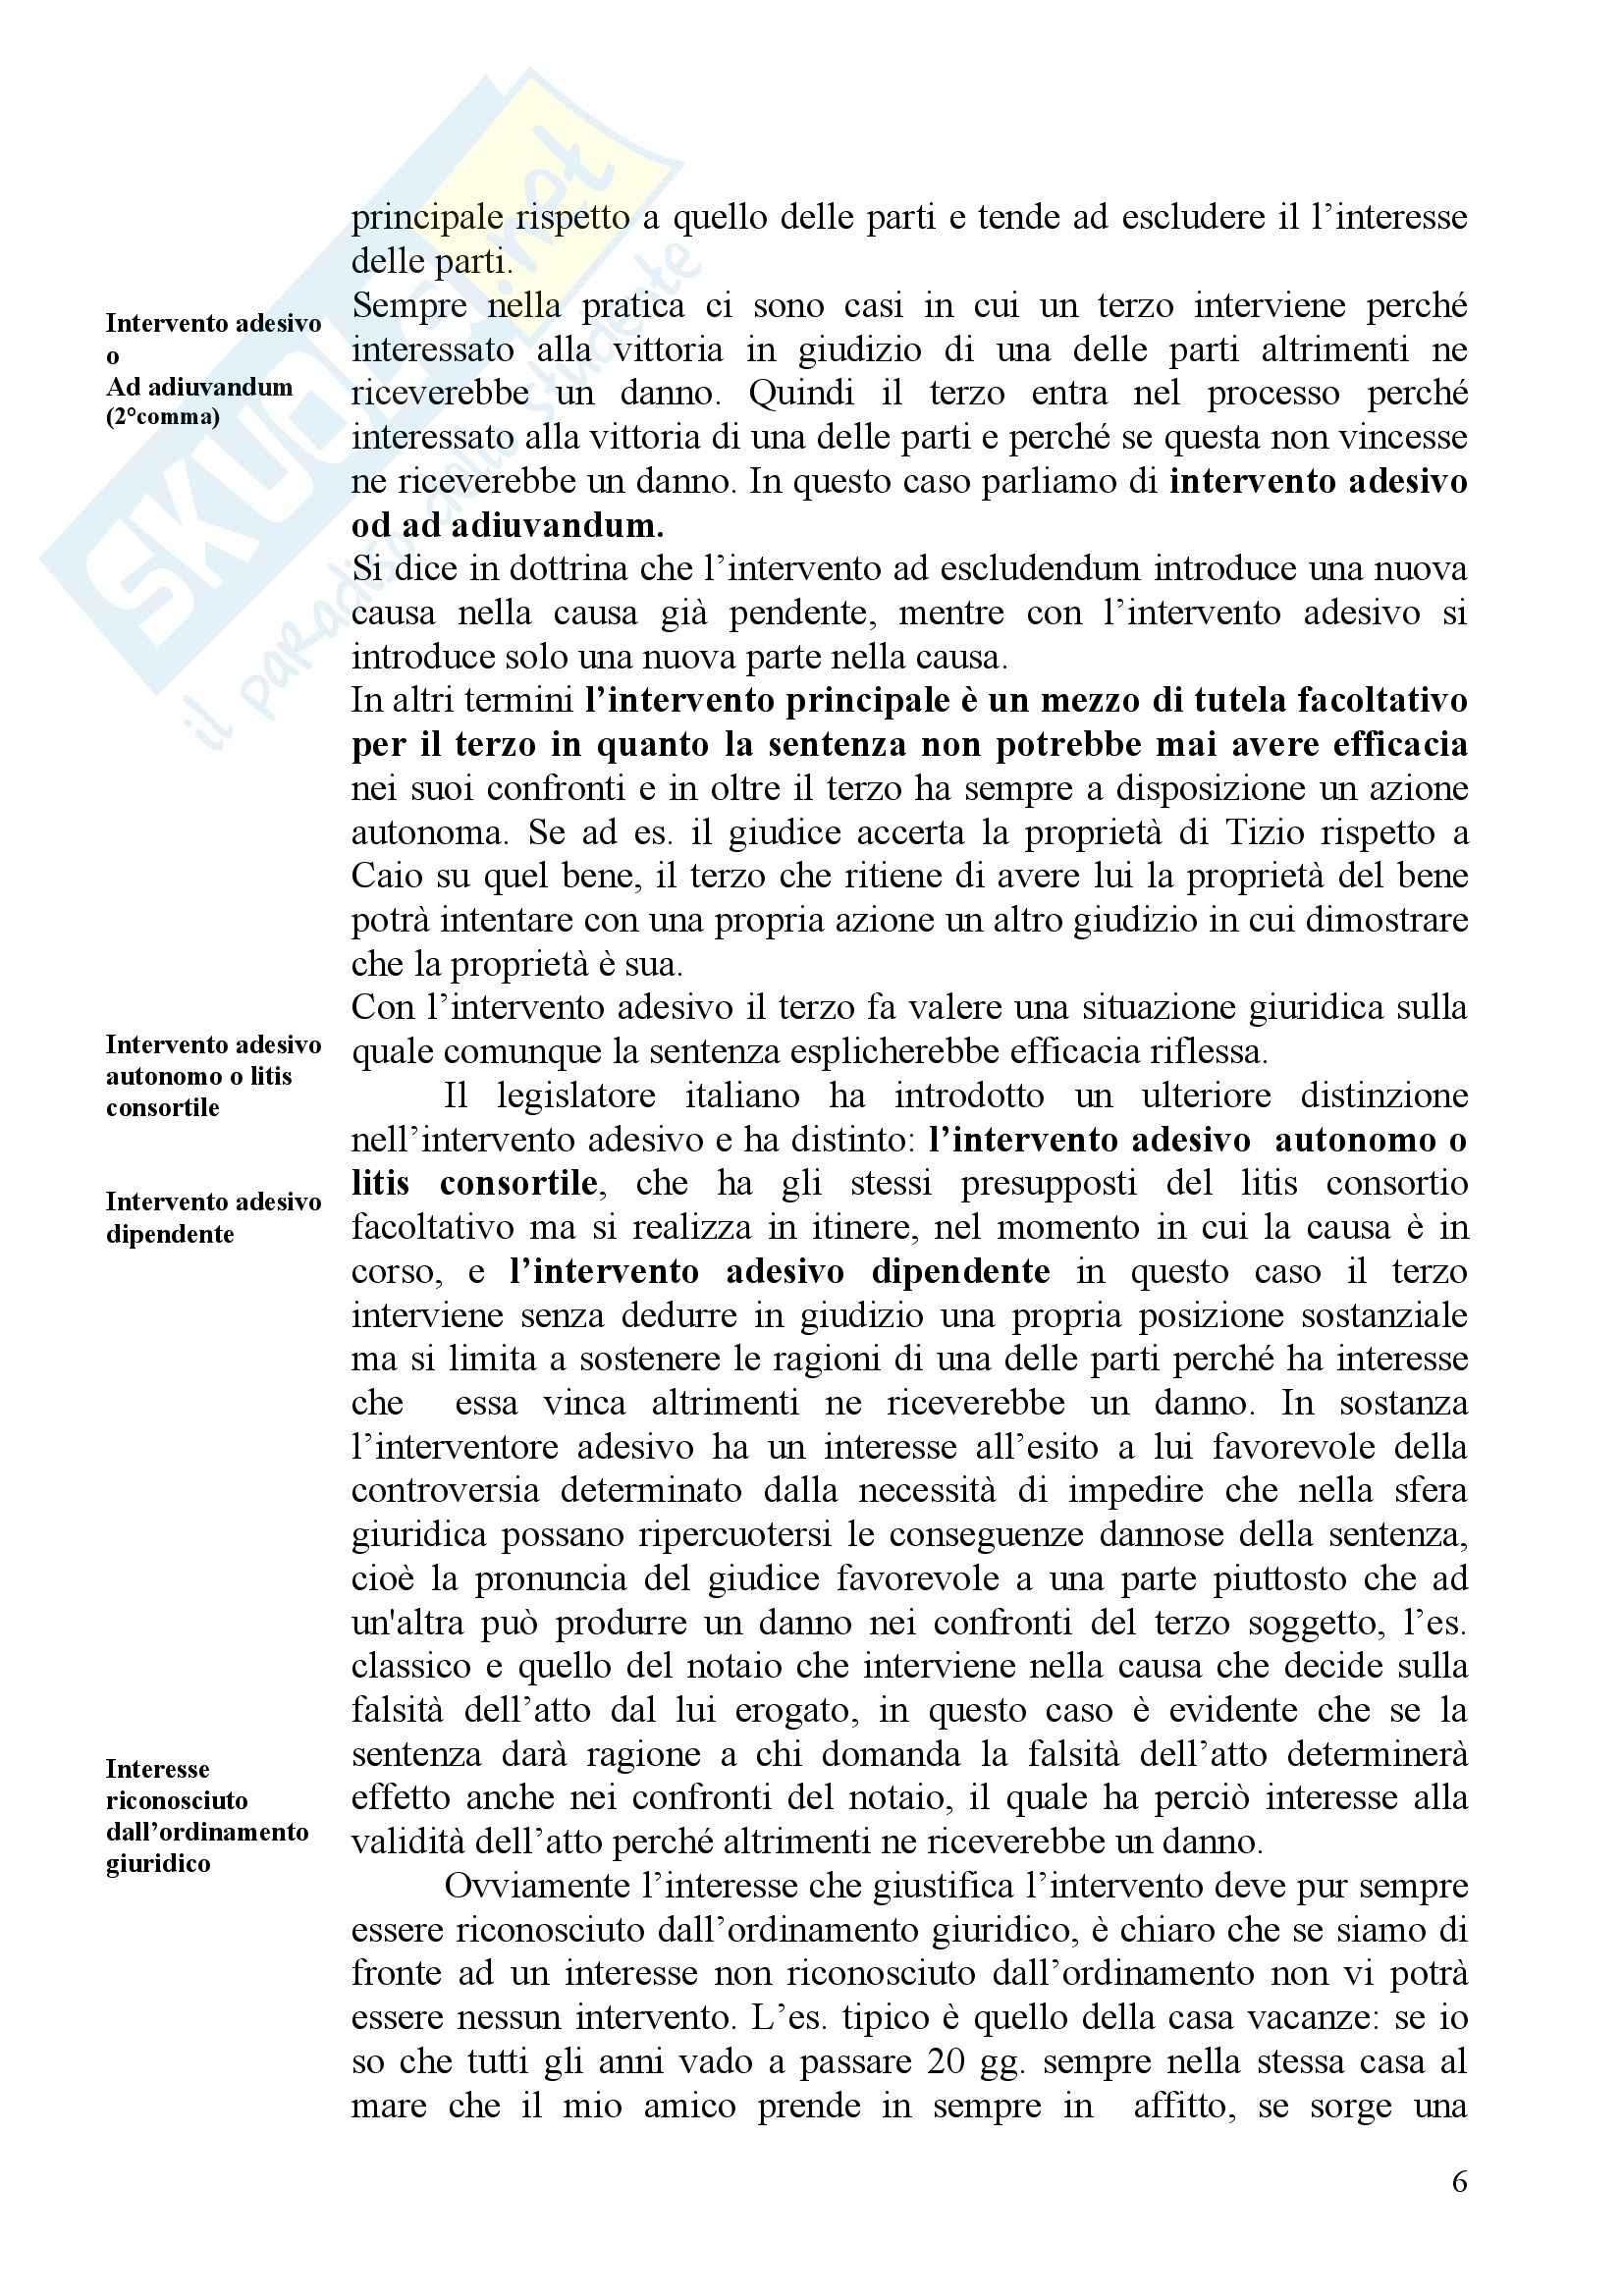 Diritto processuale civile - pluralità delle parti nel processo Pag. 6